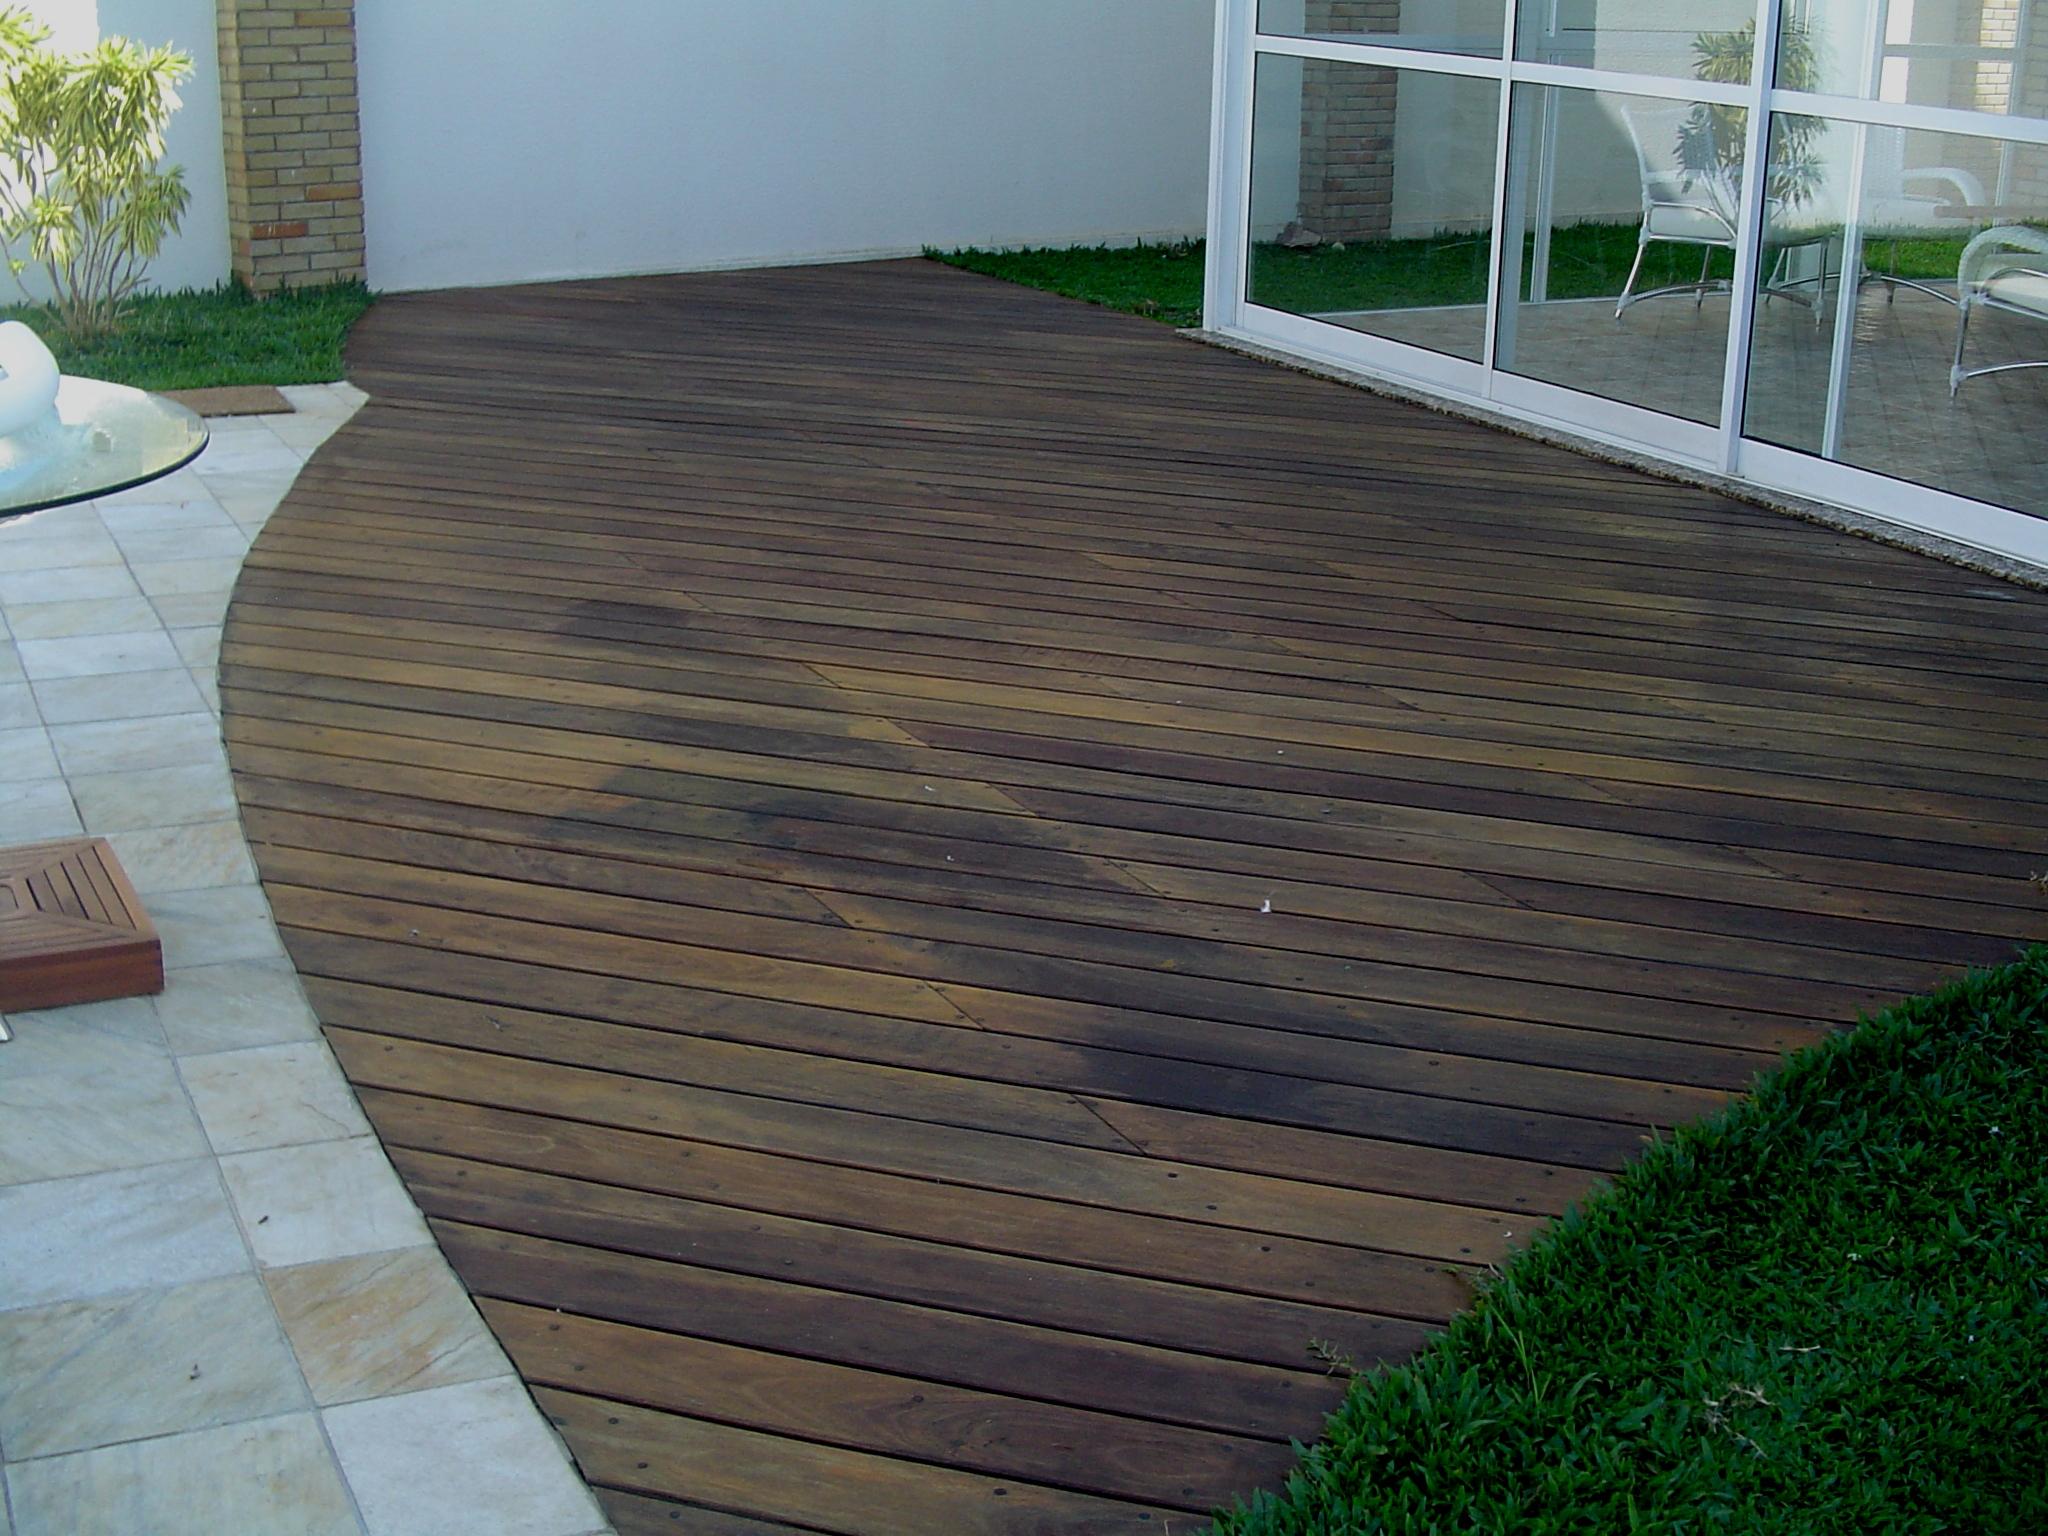 jardim deck de madeira:Deck De Madeira Para Jardim – Wdicas